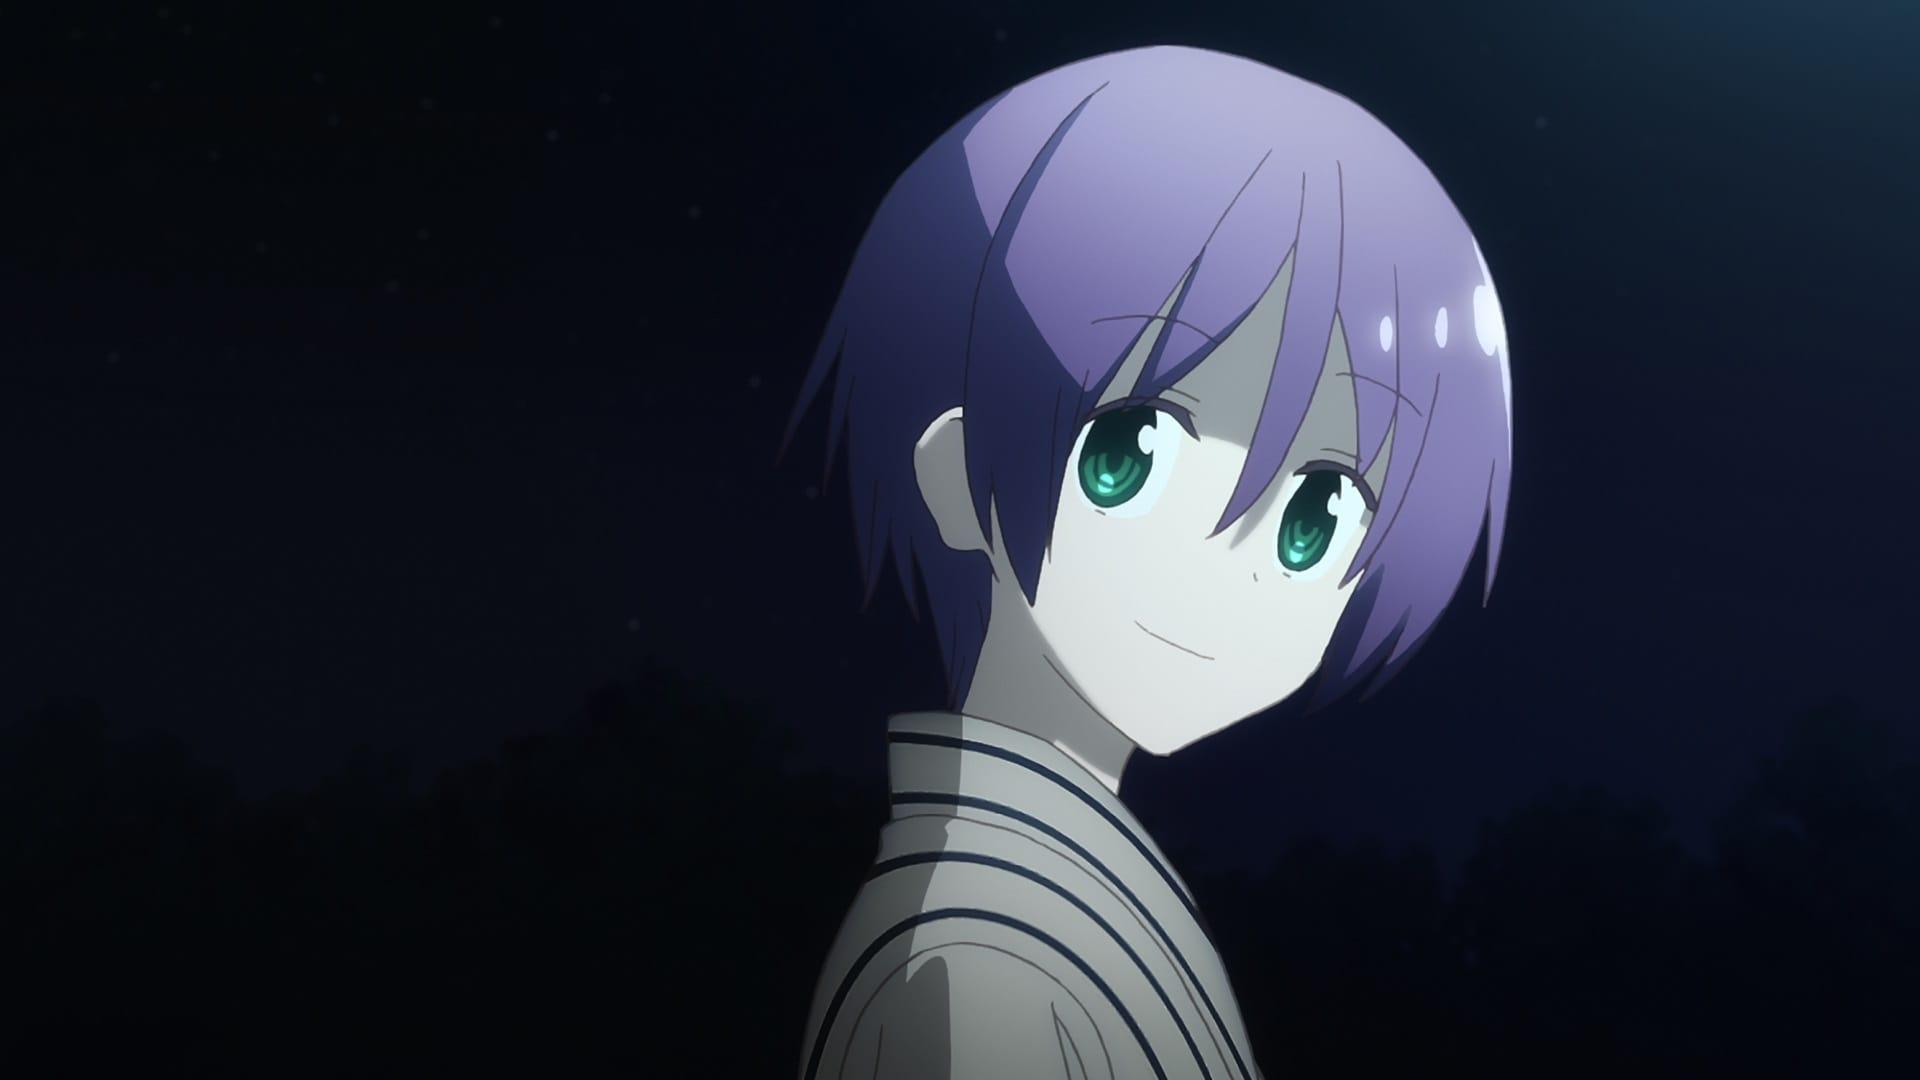 Sinopsis Tonikaku Kawaii Episode 12